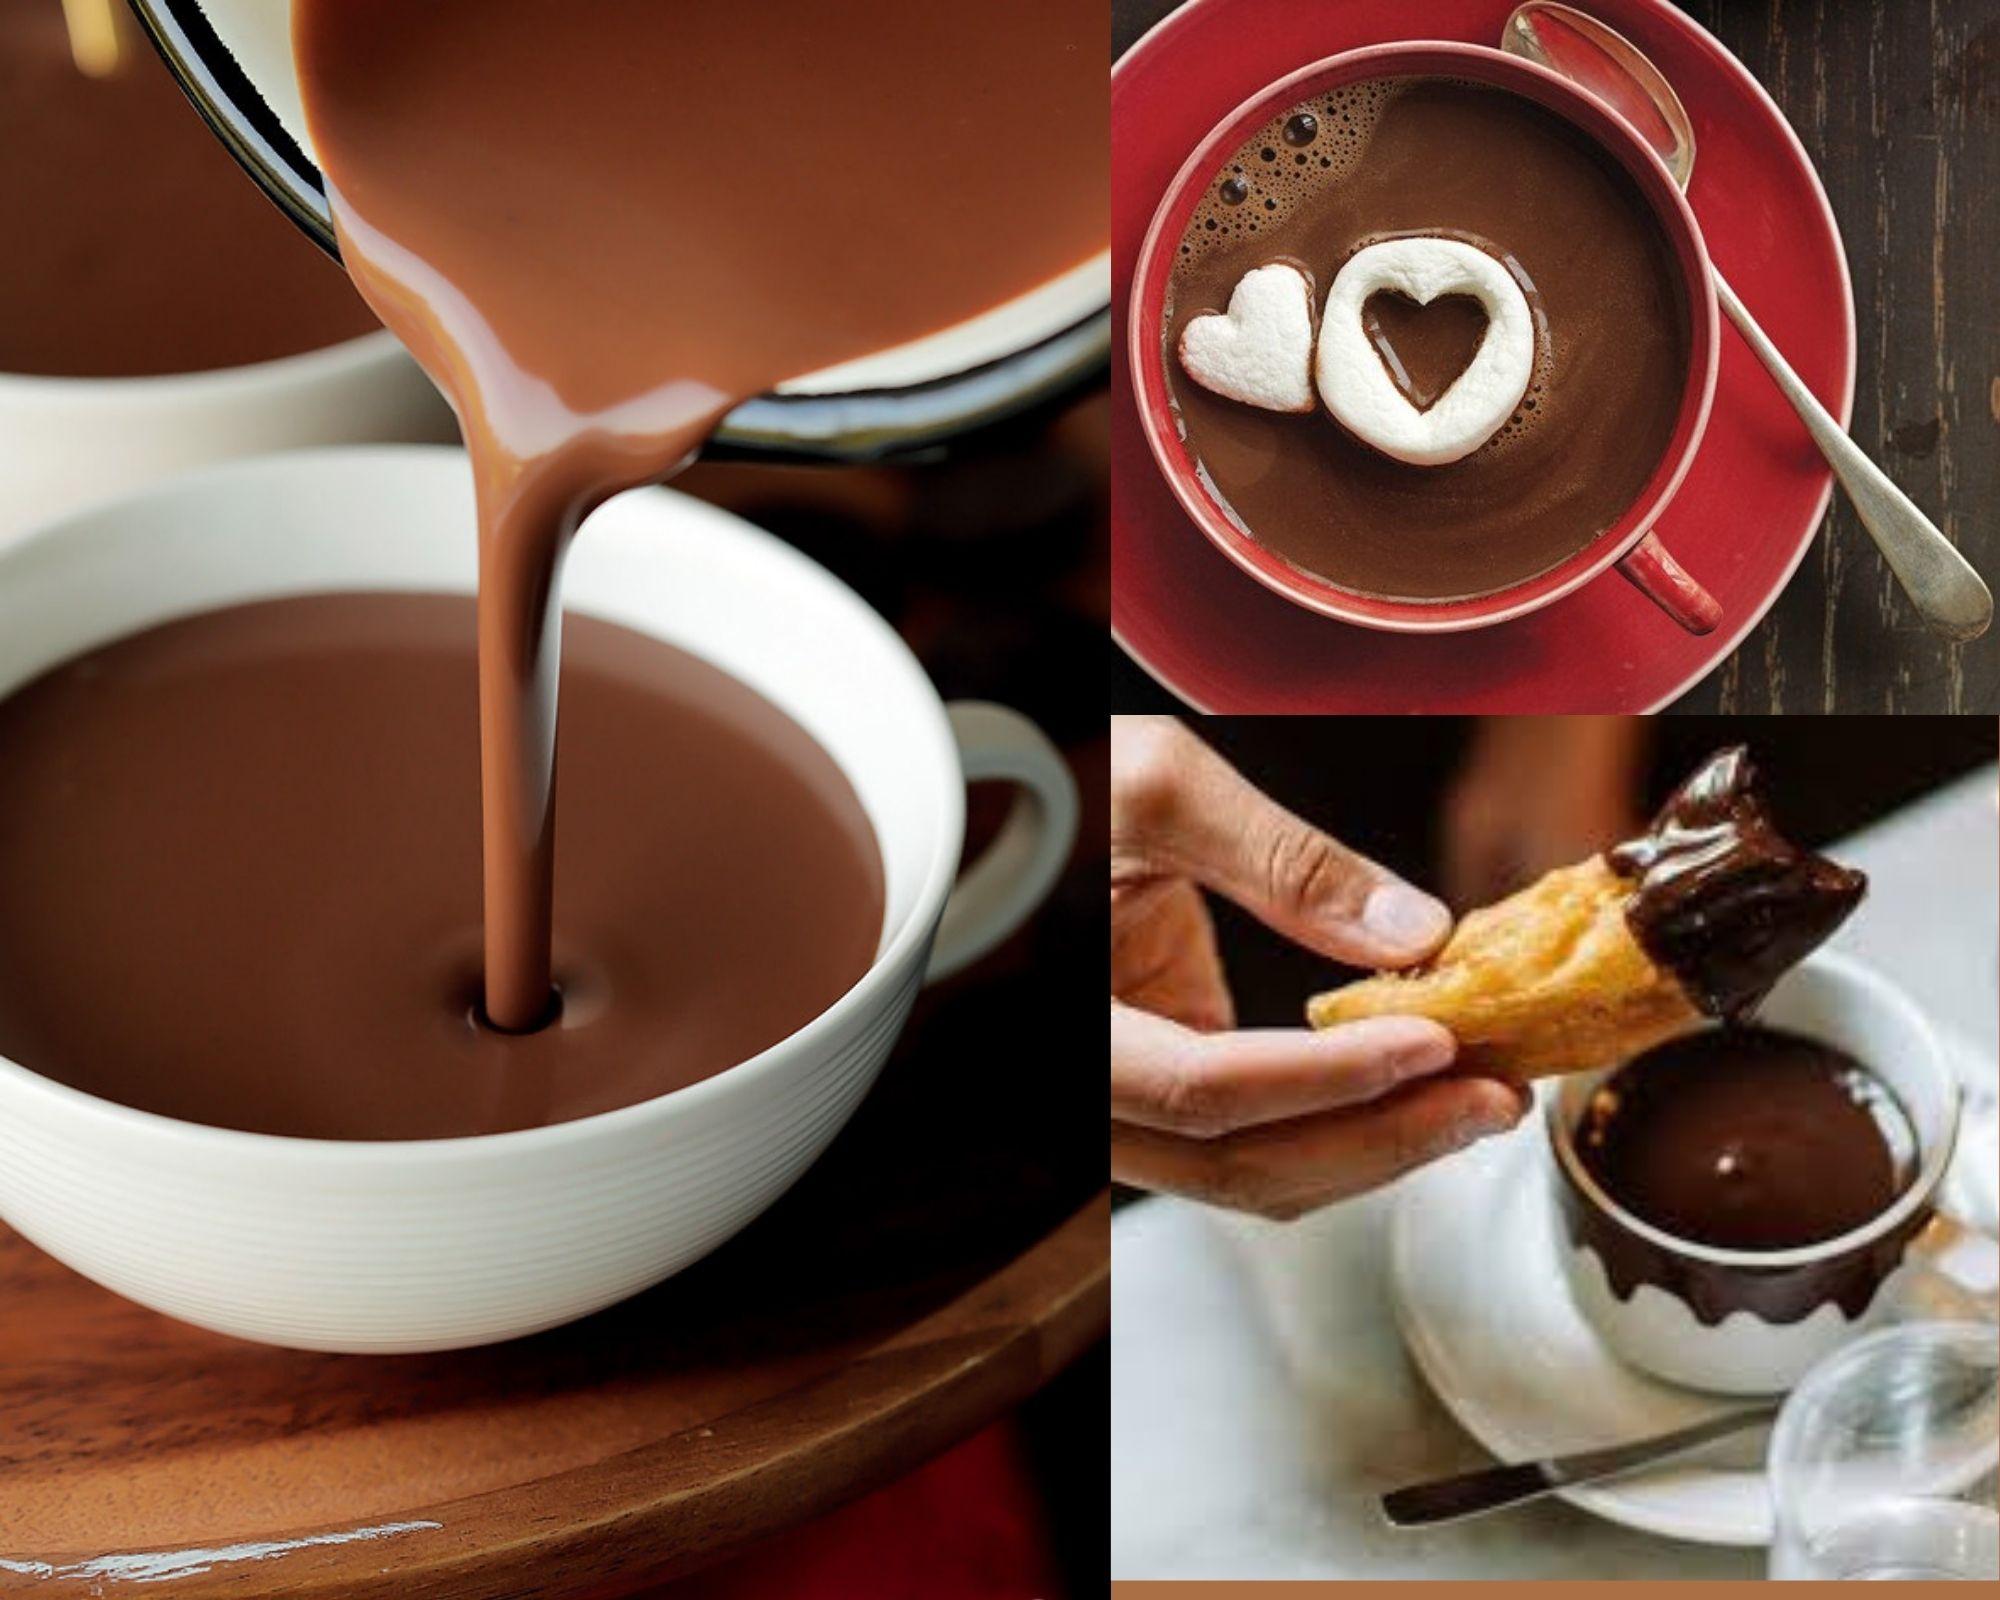 Фото Три чашки горячего шоколада.